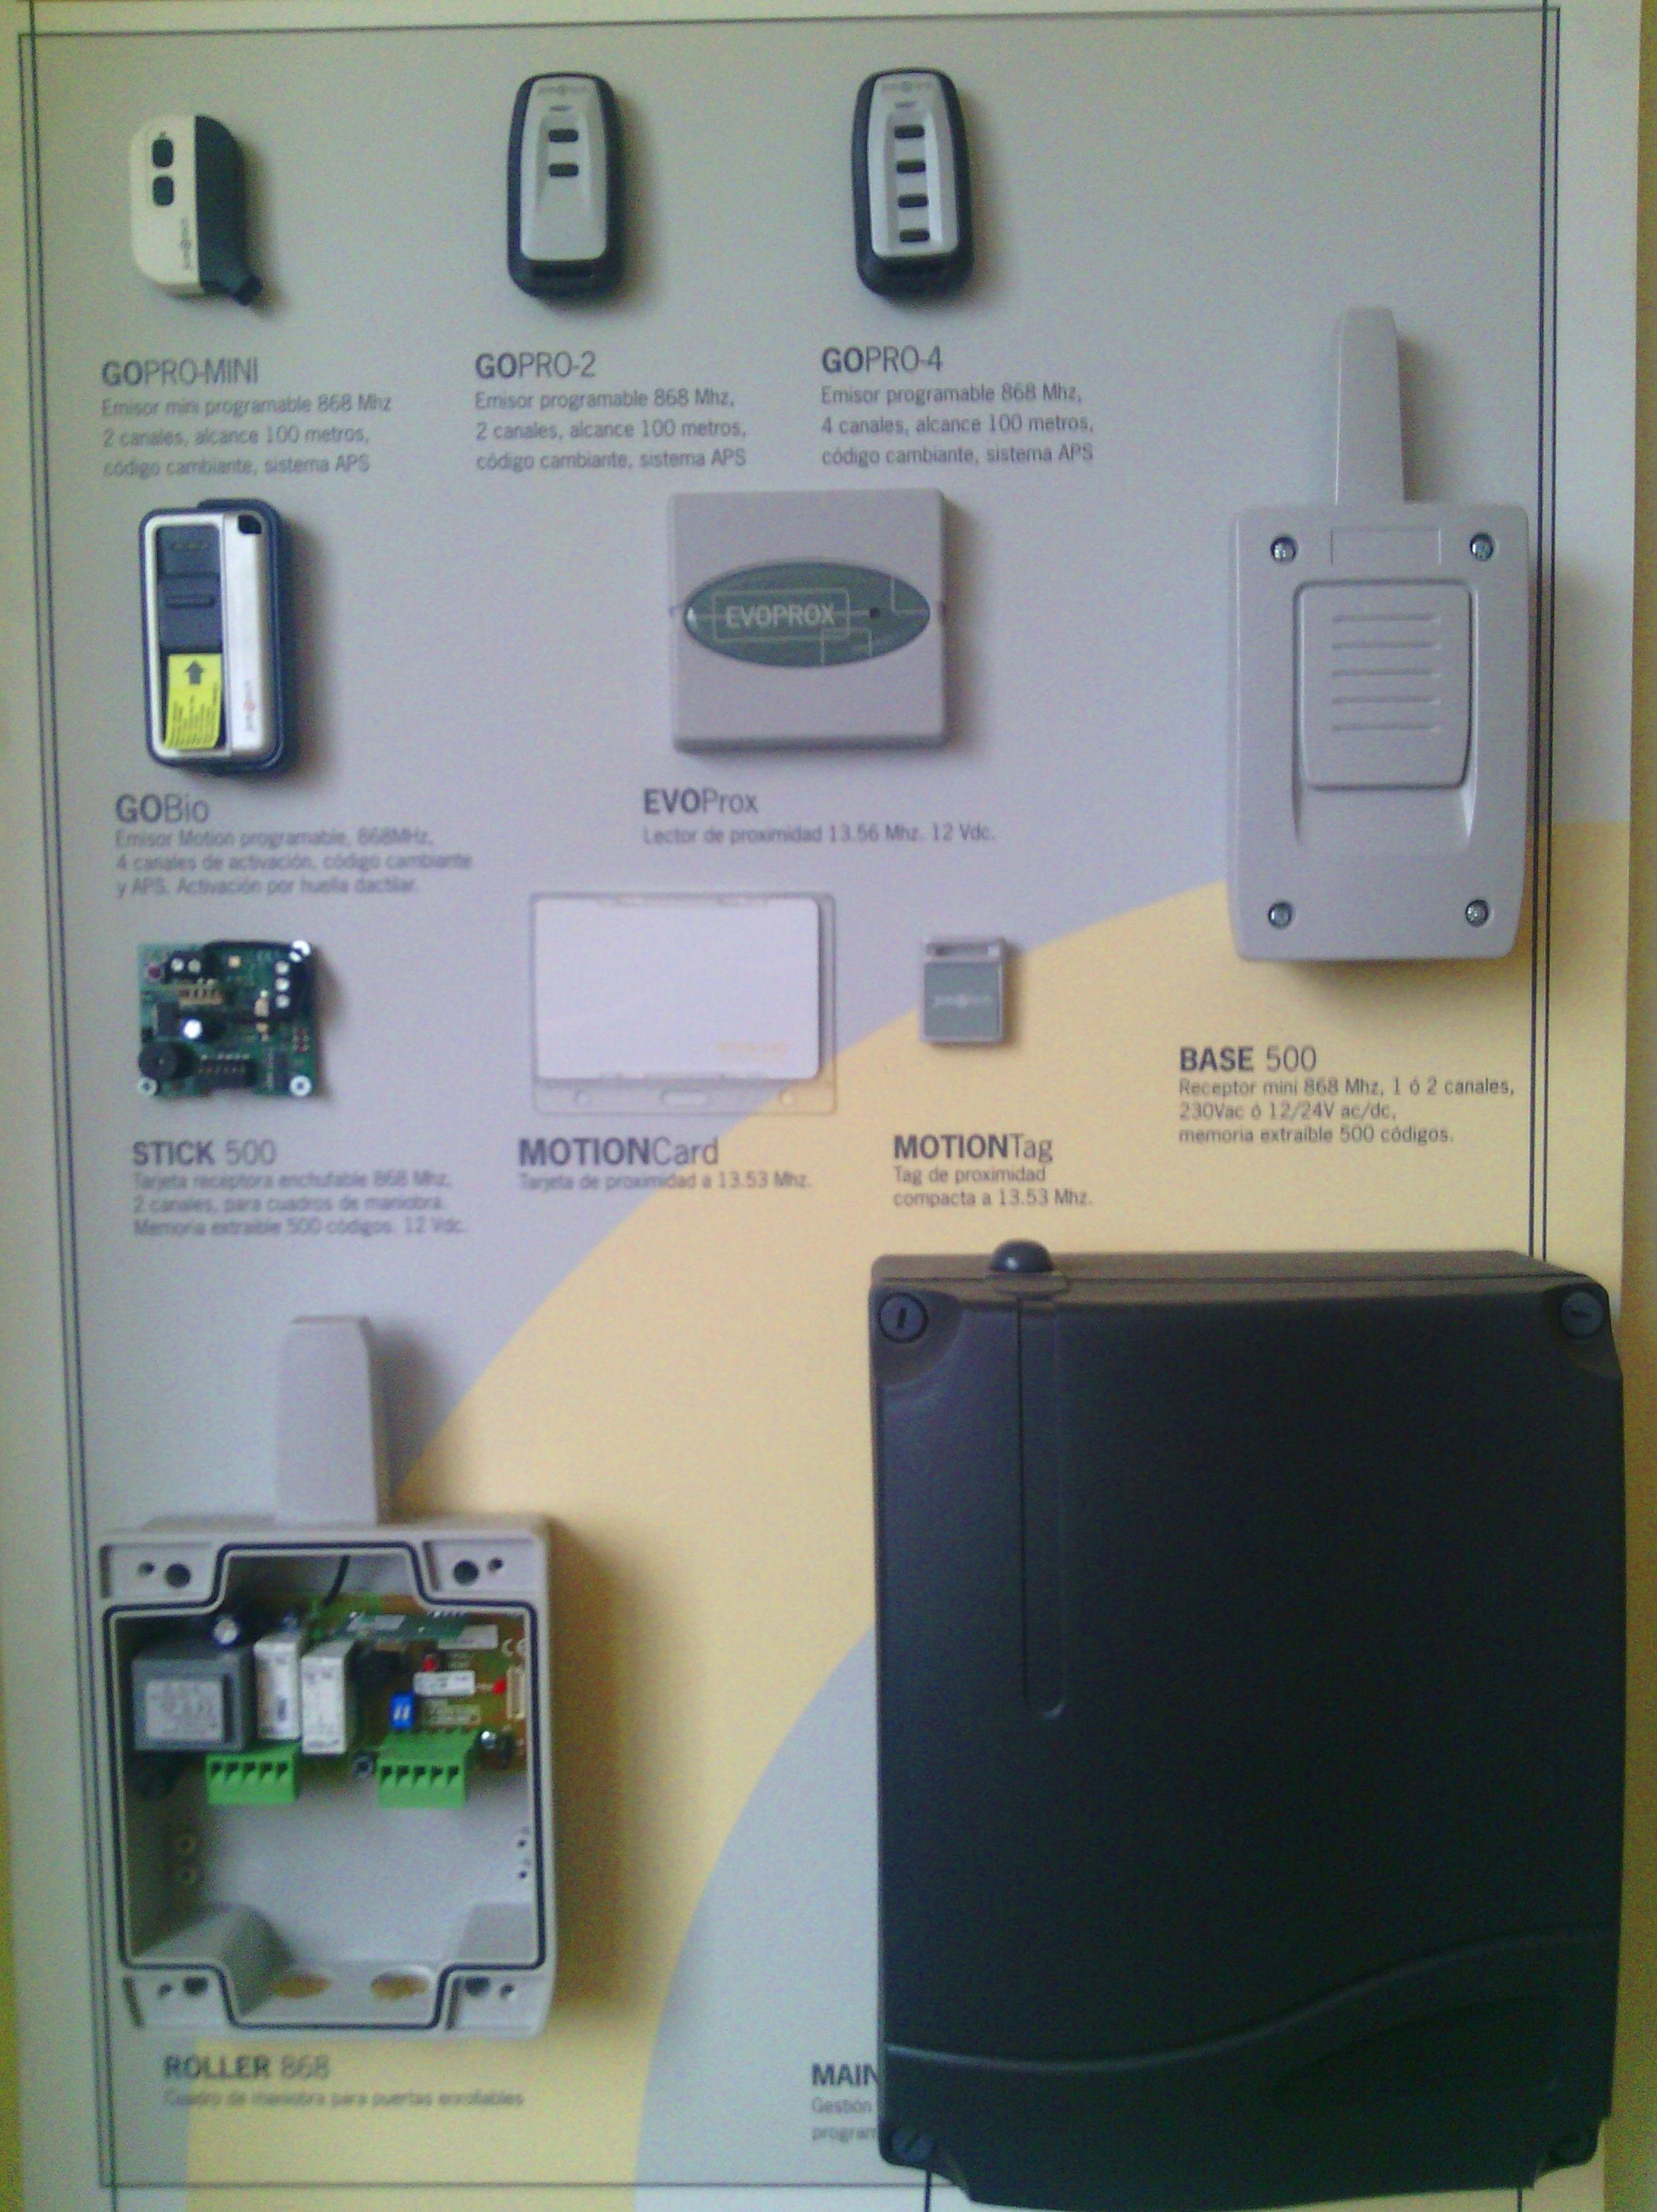 Sistemas de apertura para puertas , mandos, tarjetas, llaves de proximidad y huella digital